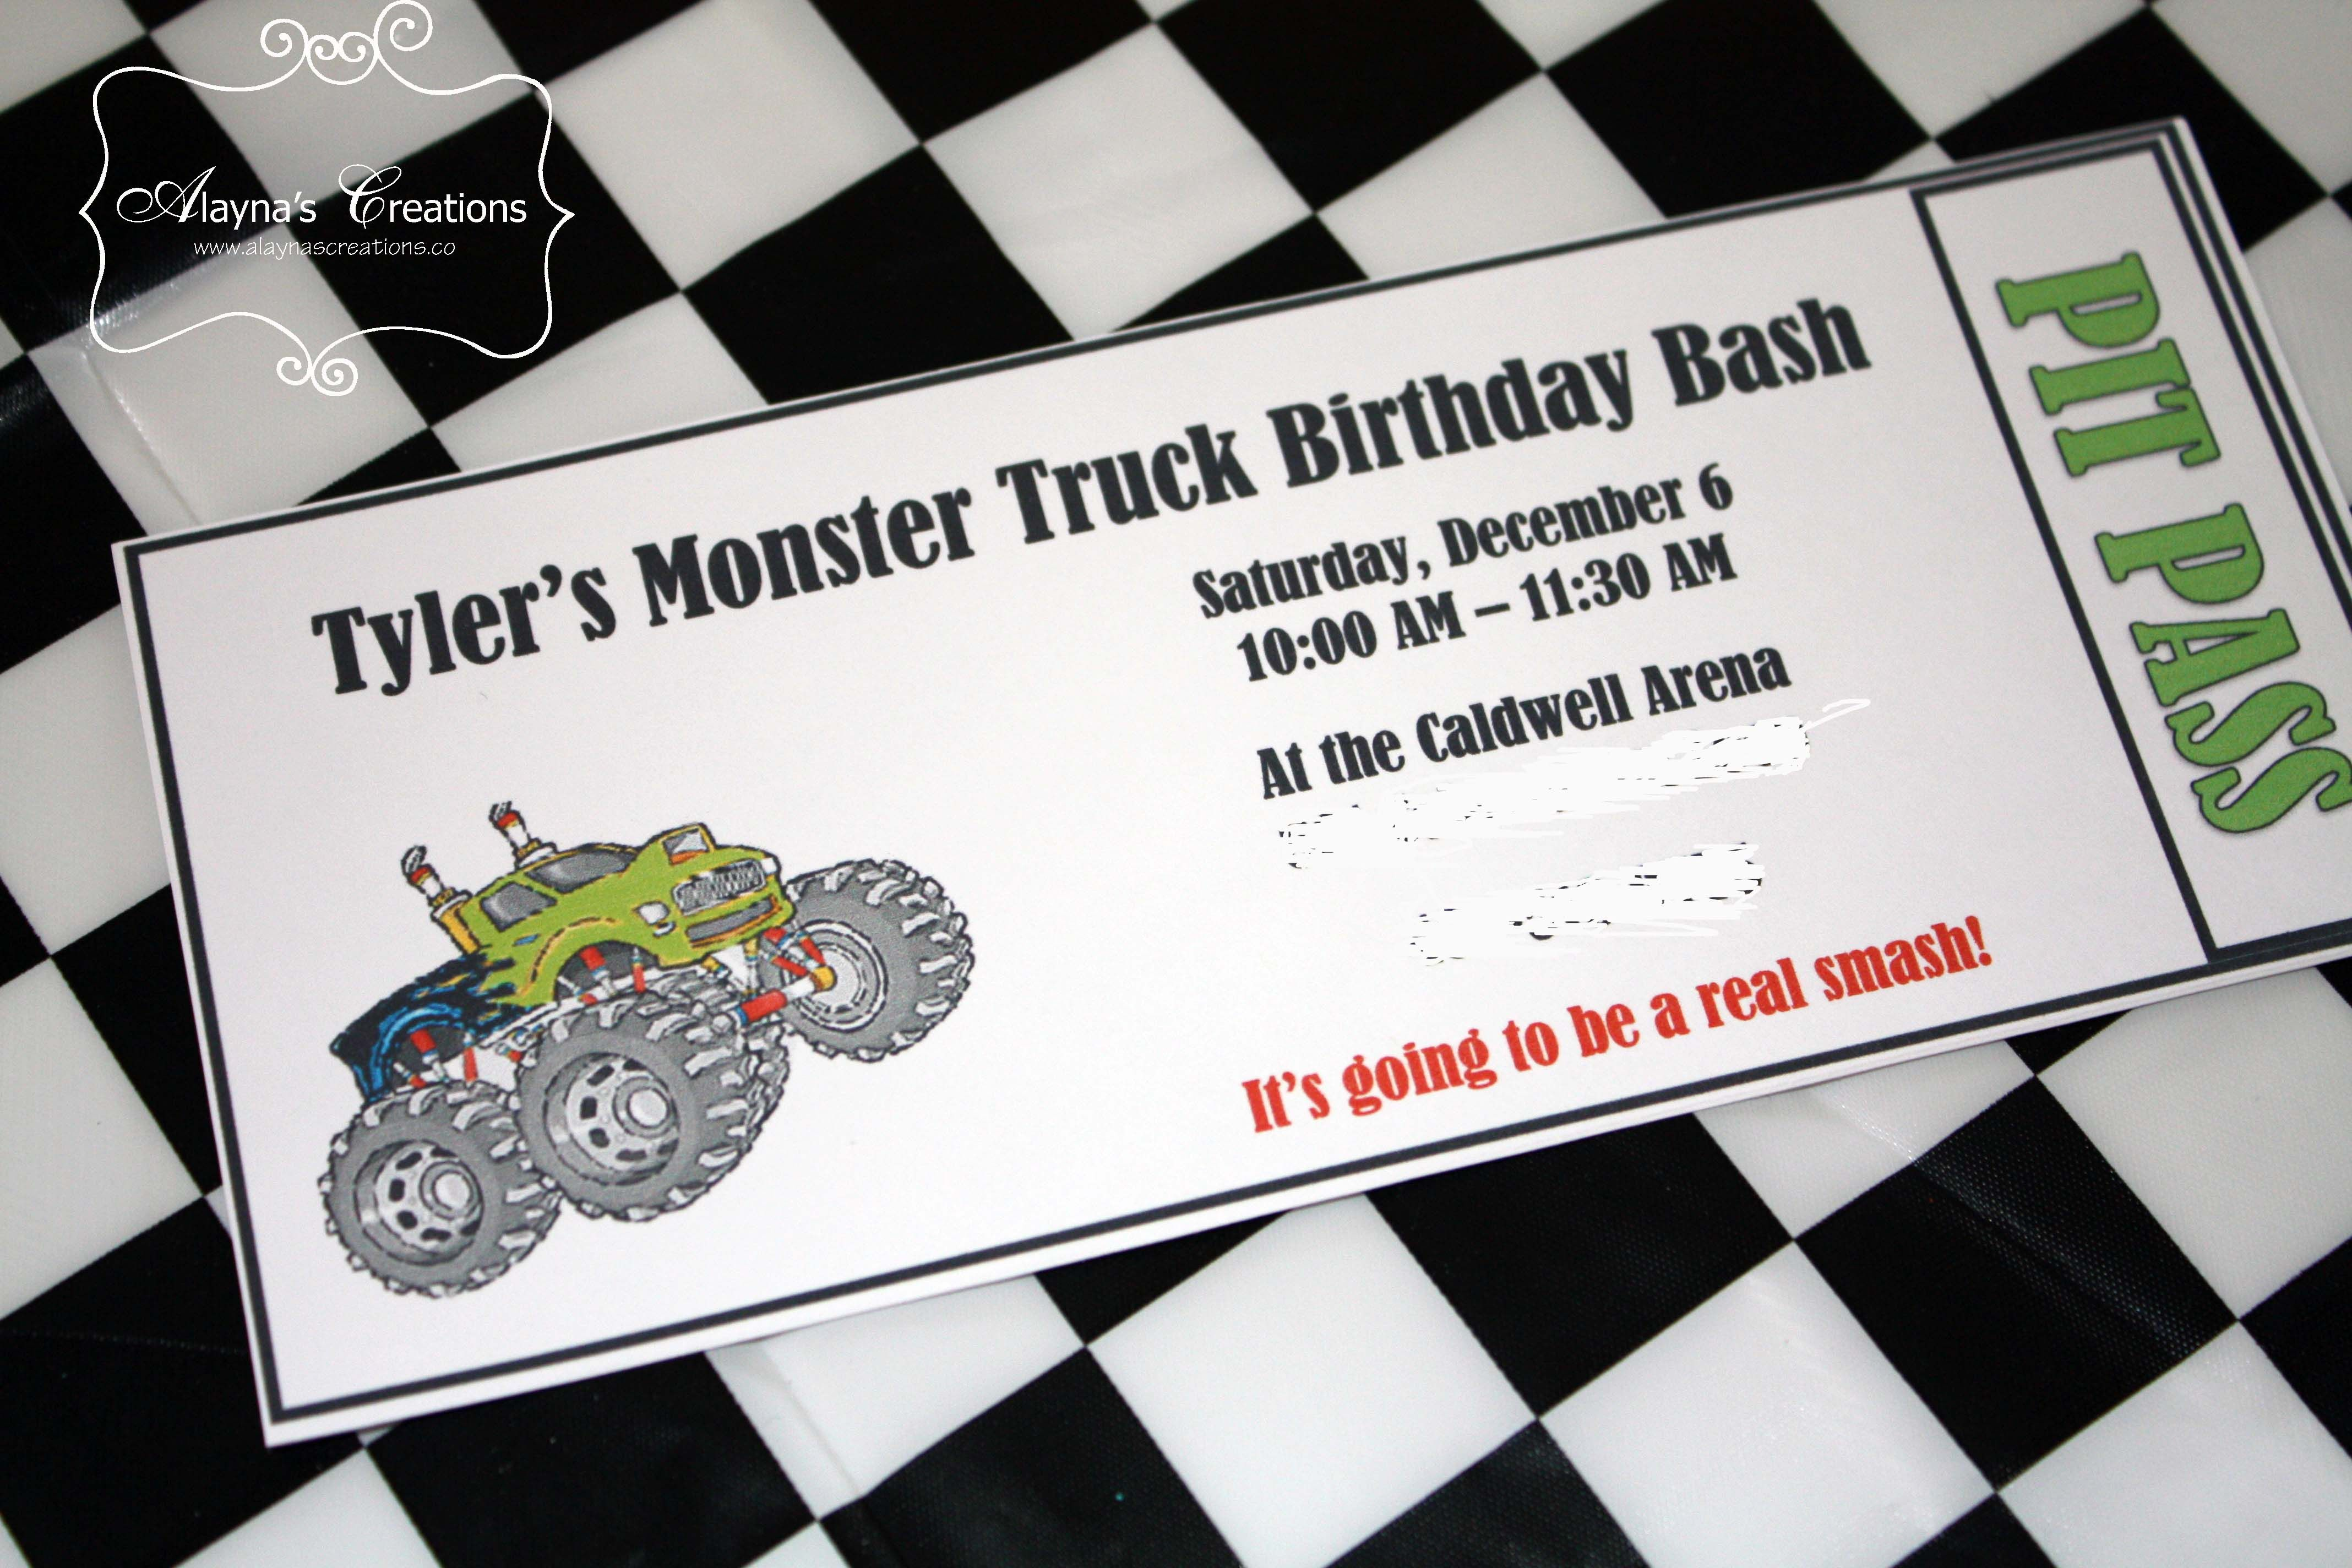 Monster Truck Birthday Party | Pinterest | Monster truck birthday ...